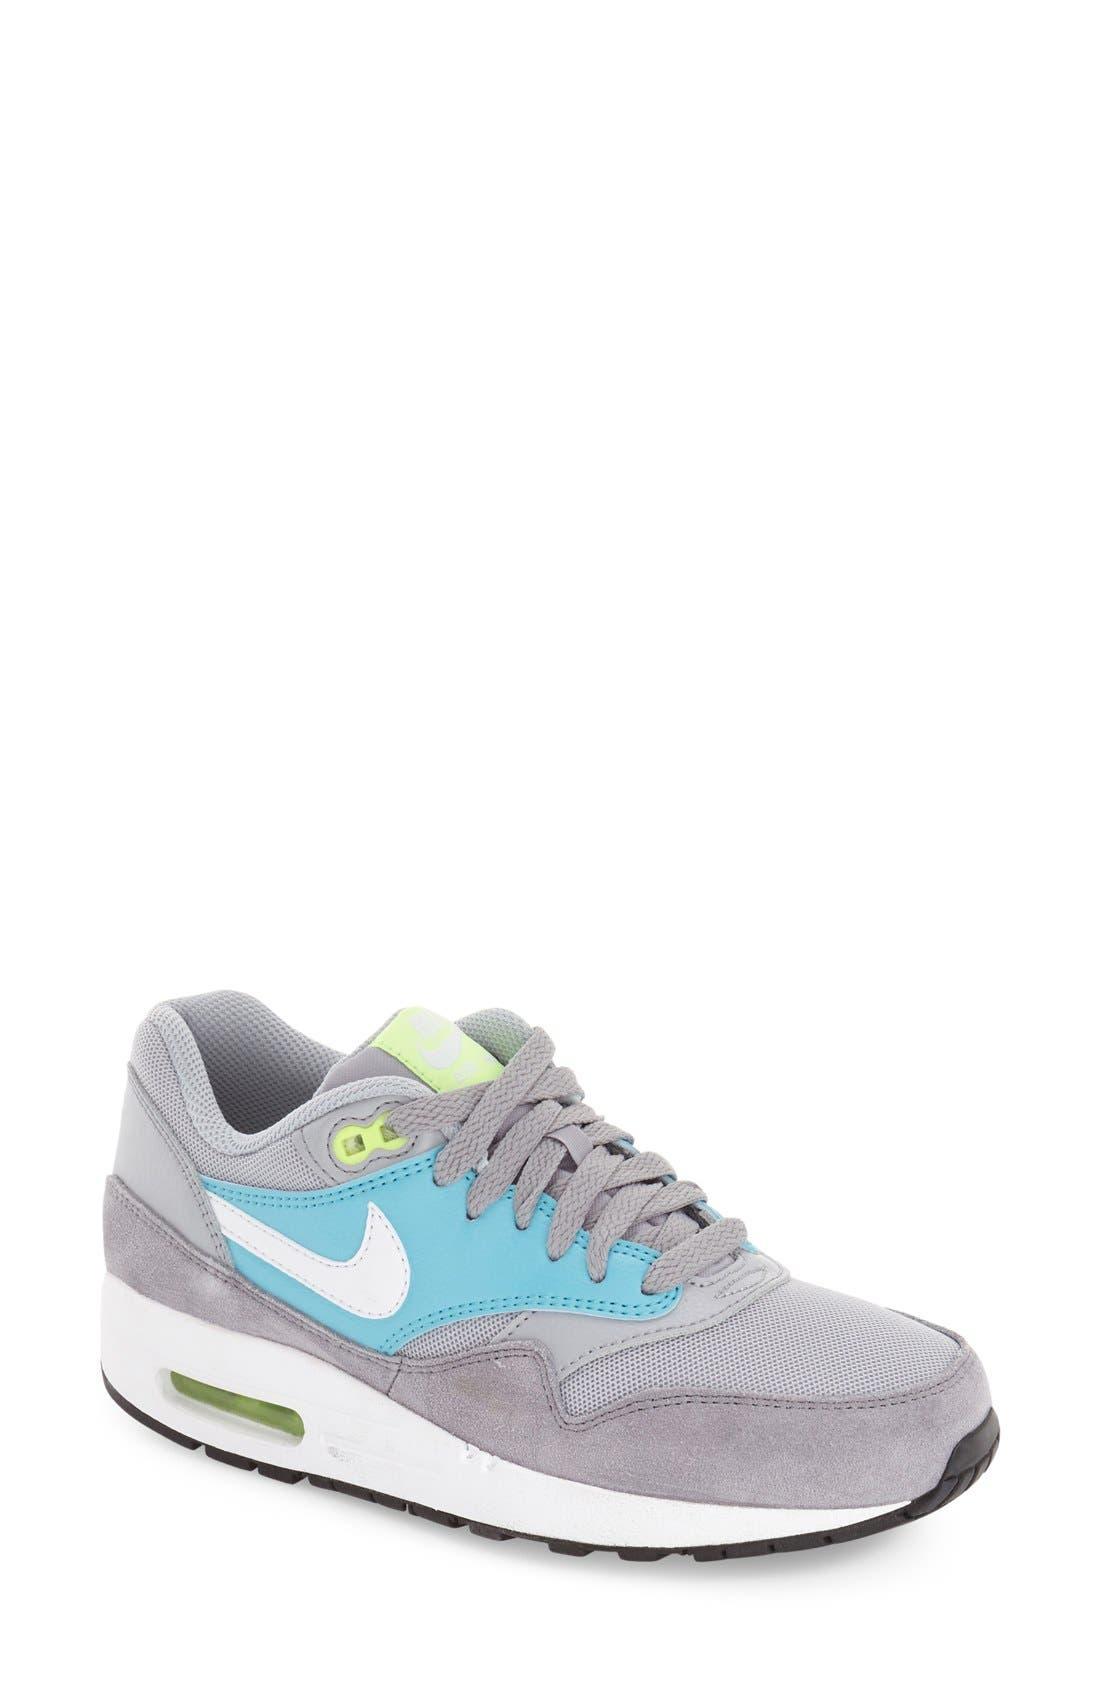 Alternate Image 1 Selected - Nike 'Air Max 1 Essential' Sneaker (Women)